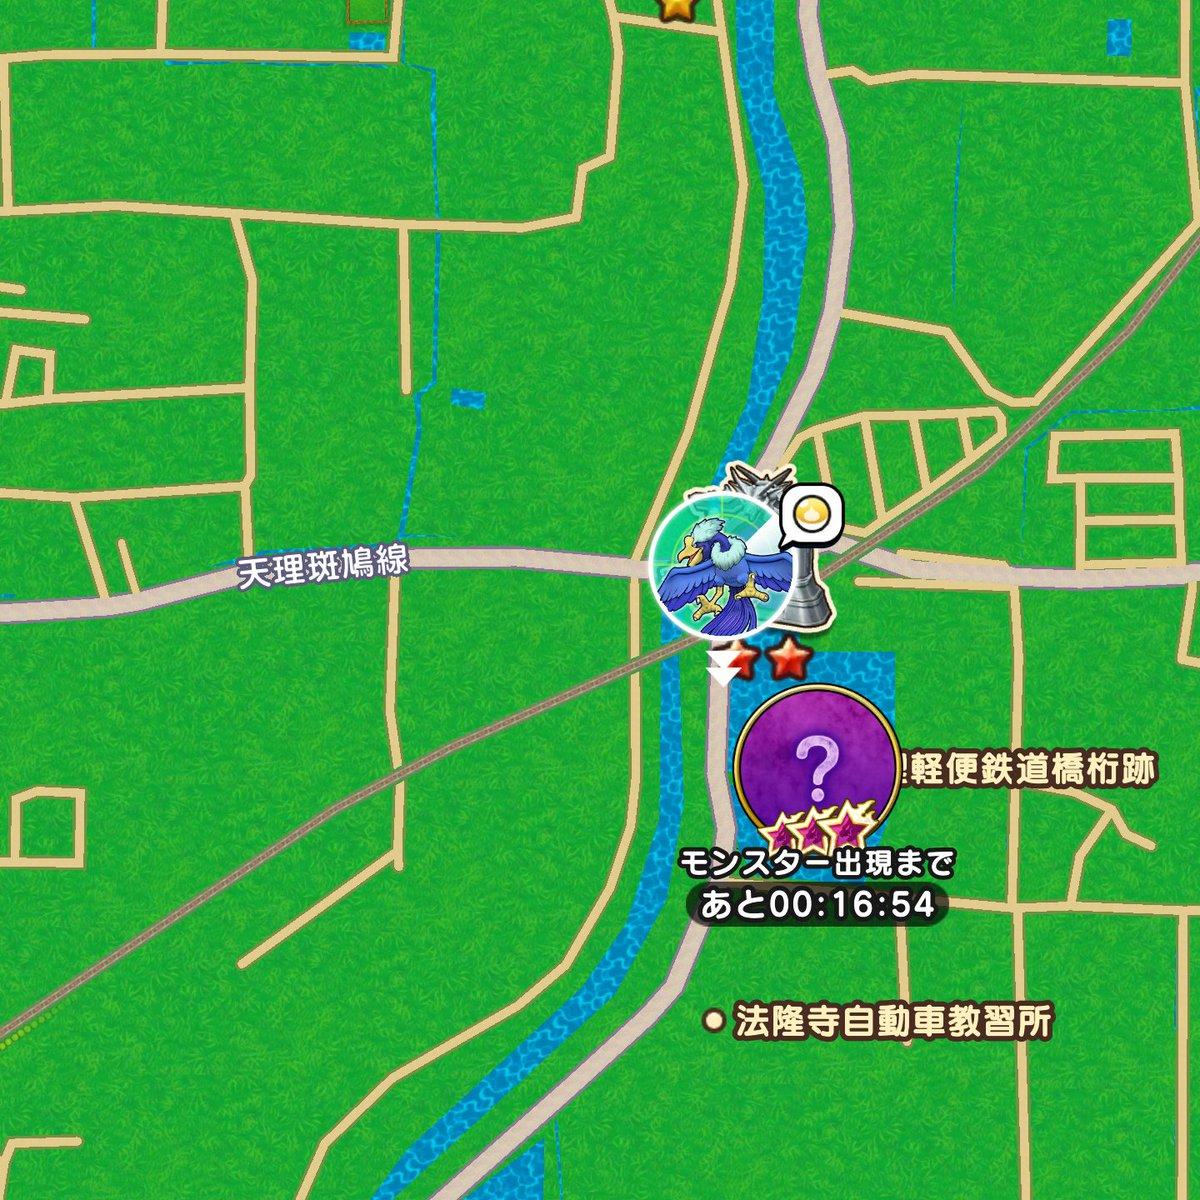 確定 場所 ドラクエ ウォーク 心